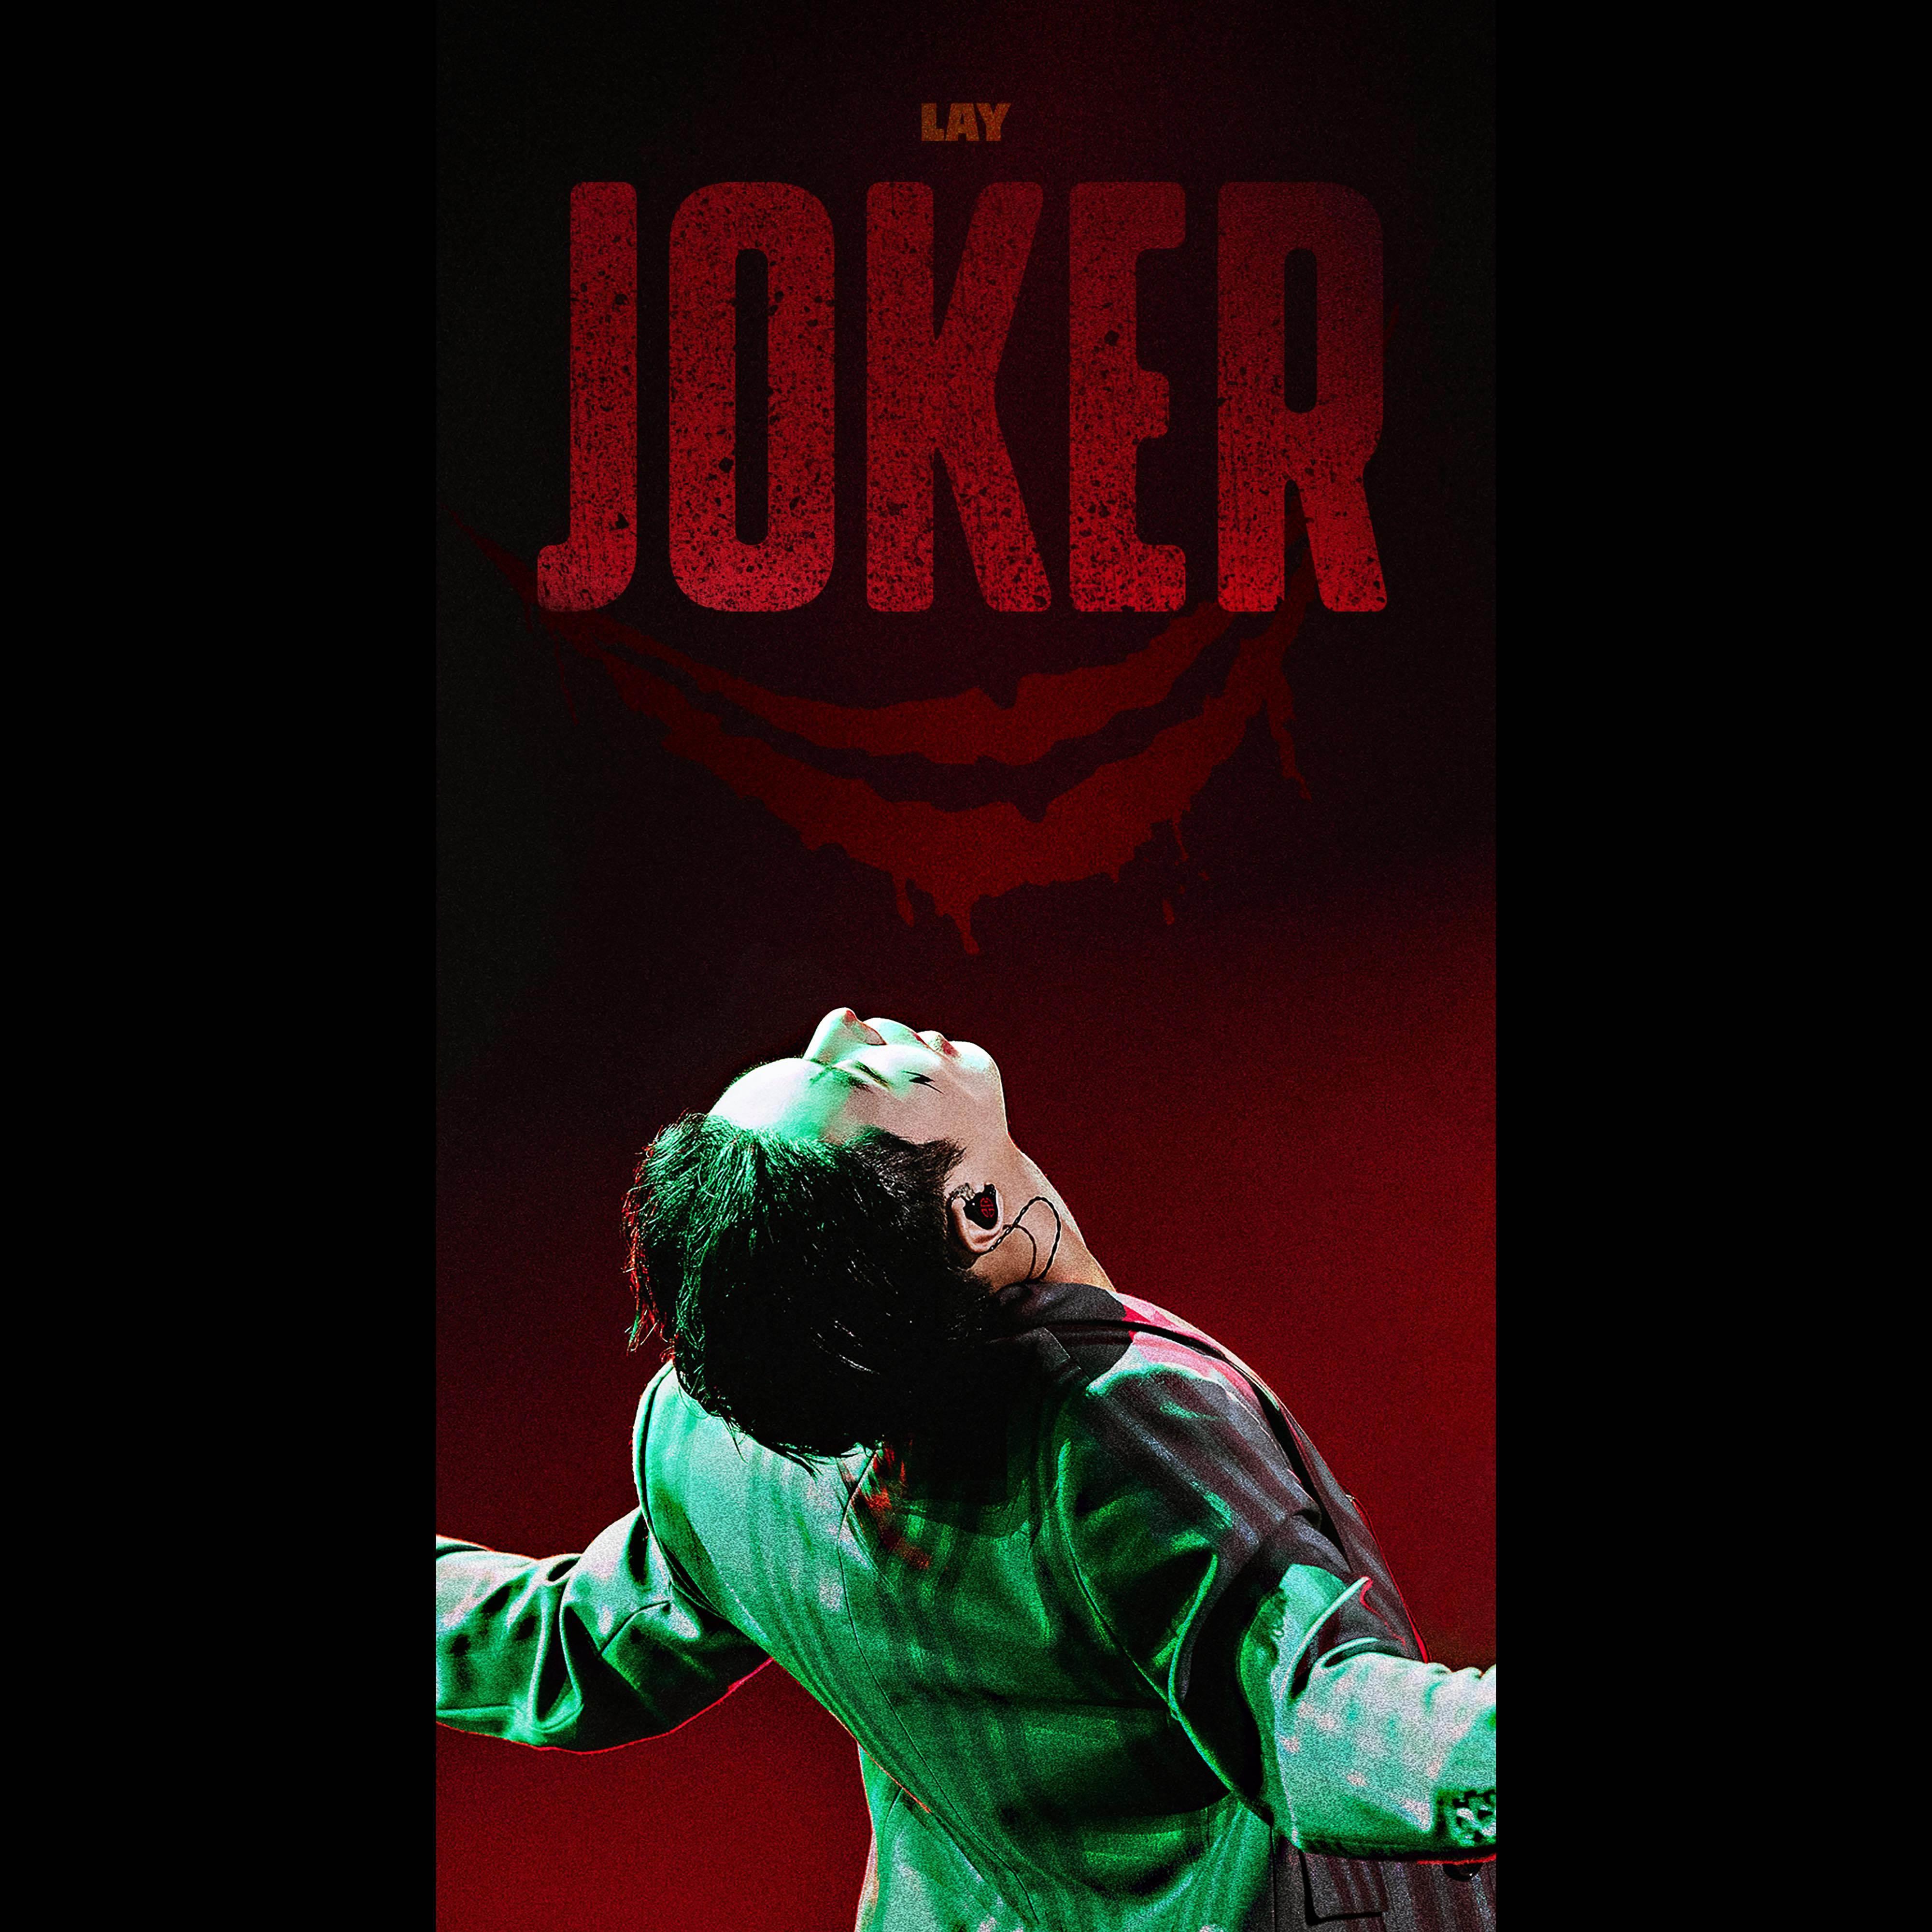 张艺兴唱作人录音室版专辑《PRODUCER》先行曲Joker上线 抓耳旋律诠释另类人生 (图6)